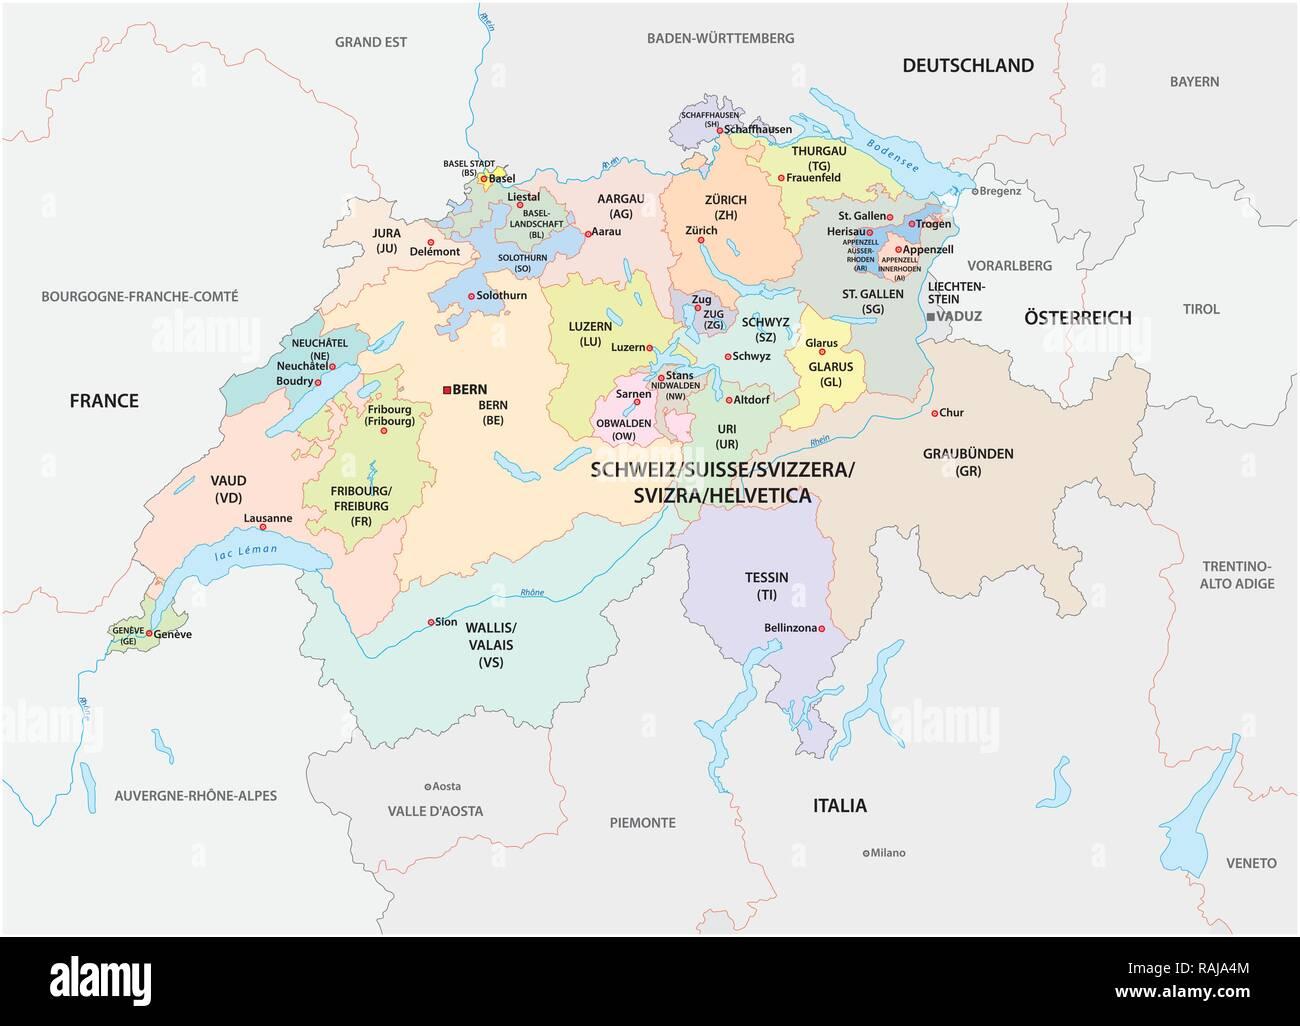 Cartina Geografica Politica Svizzera.Politica E Amministrativa Di Mappa Vettoriale Della Svizzera Immagine E Vettoriale Alamy